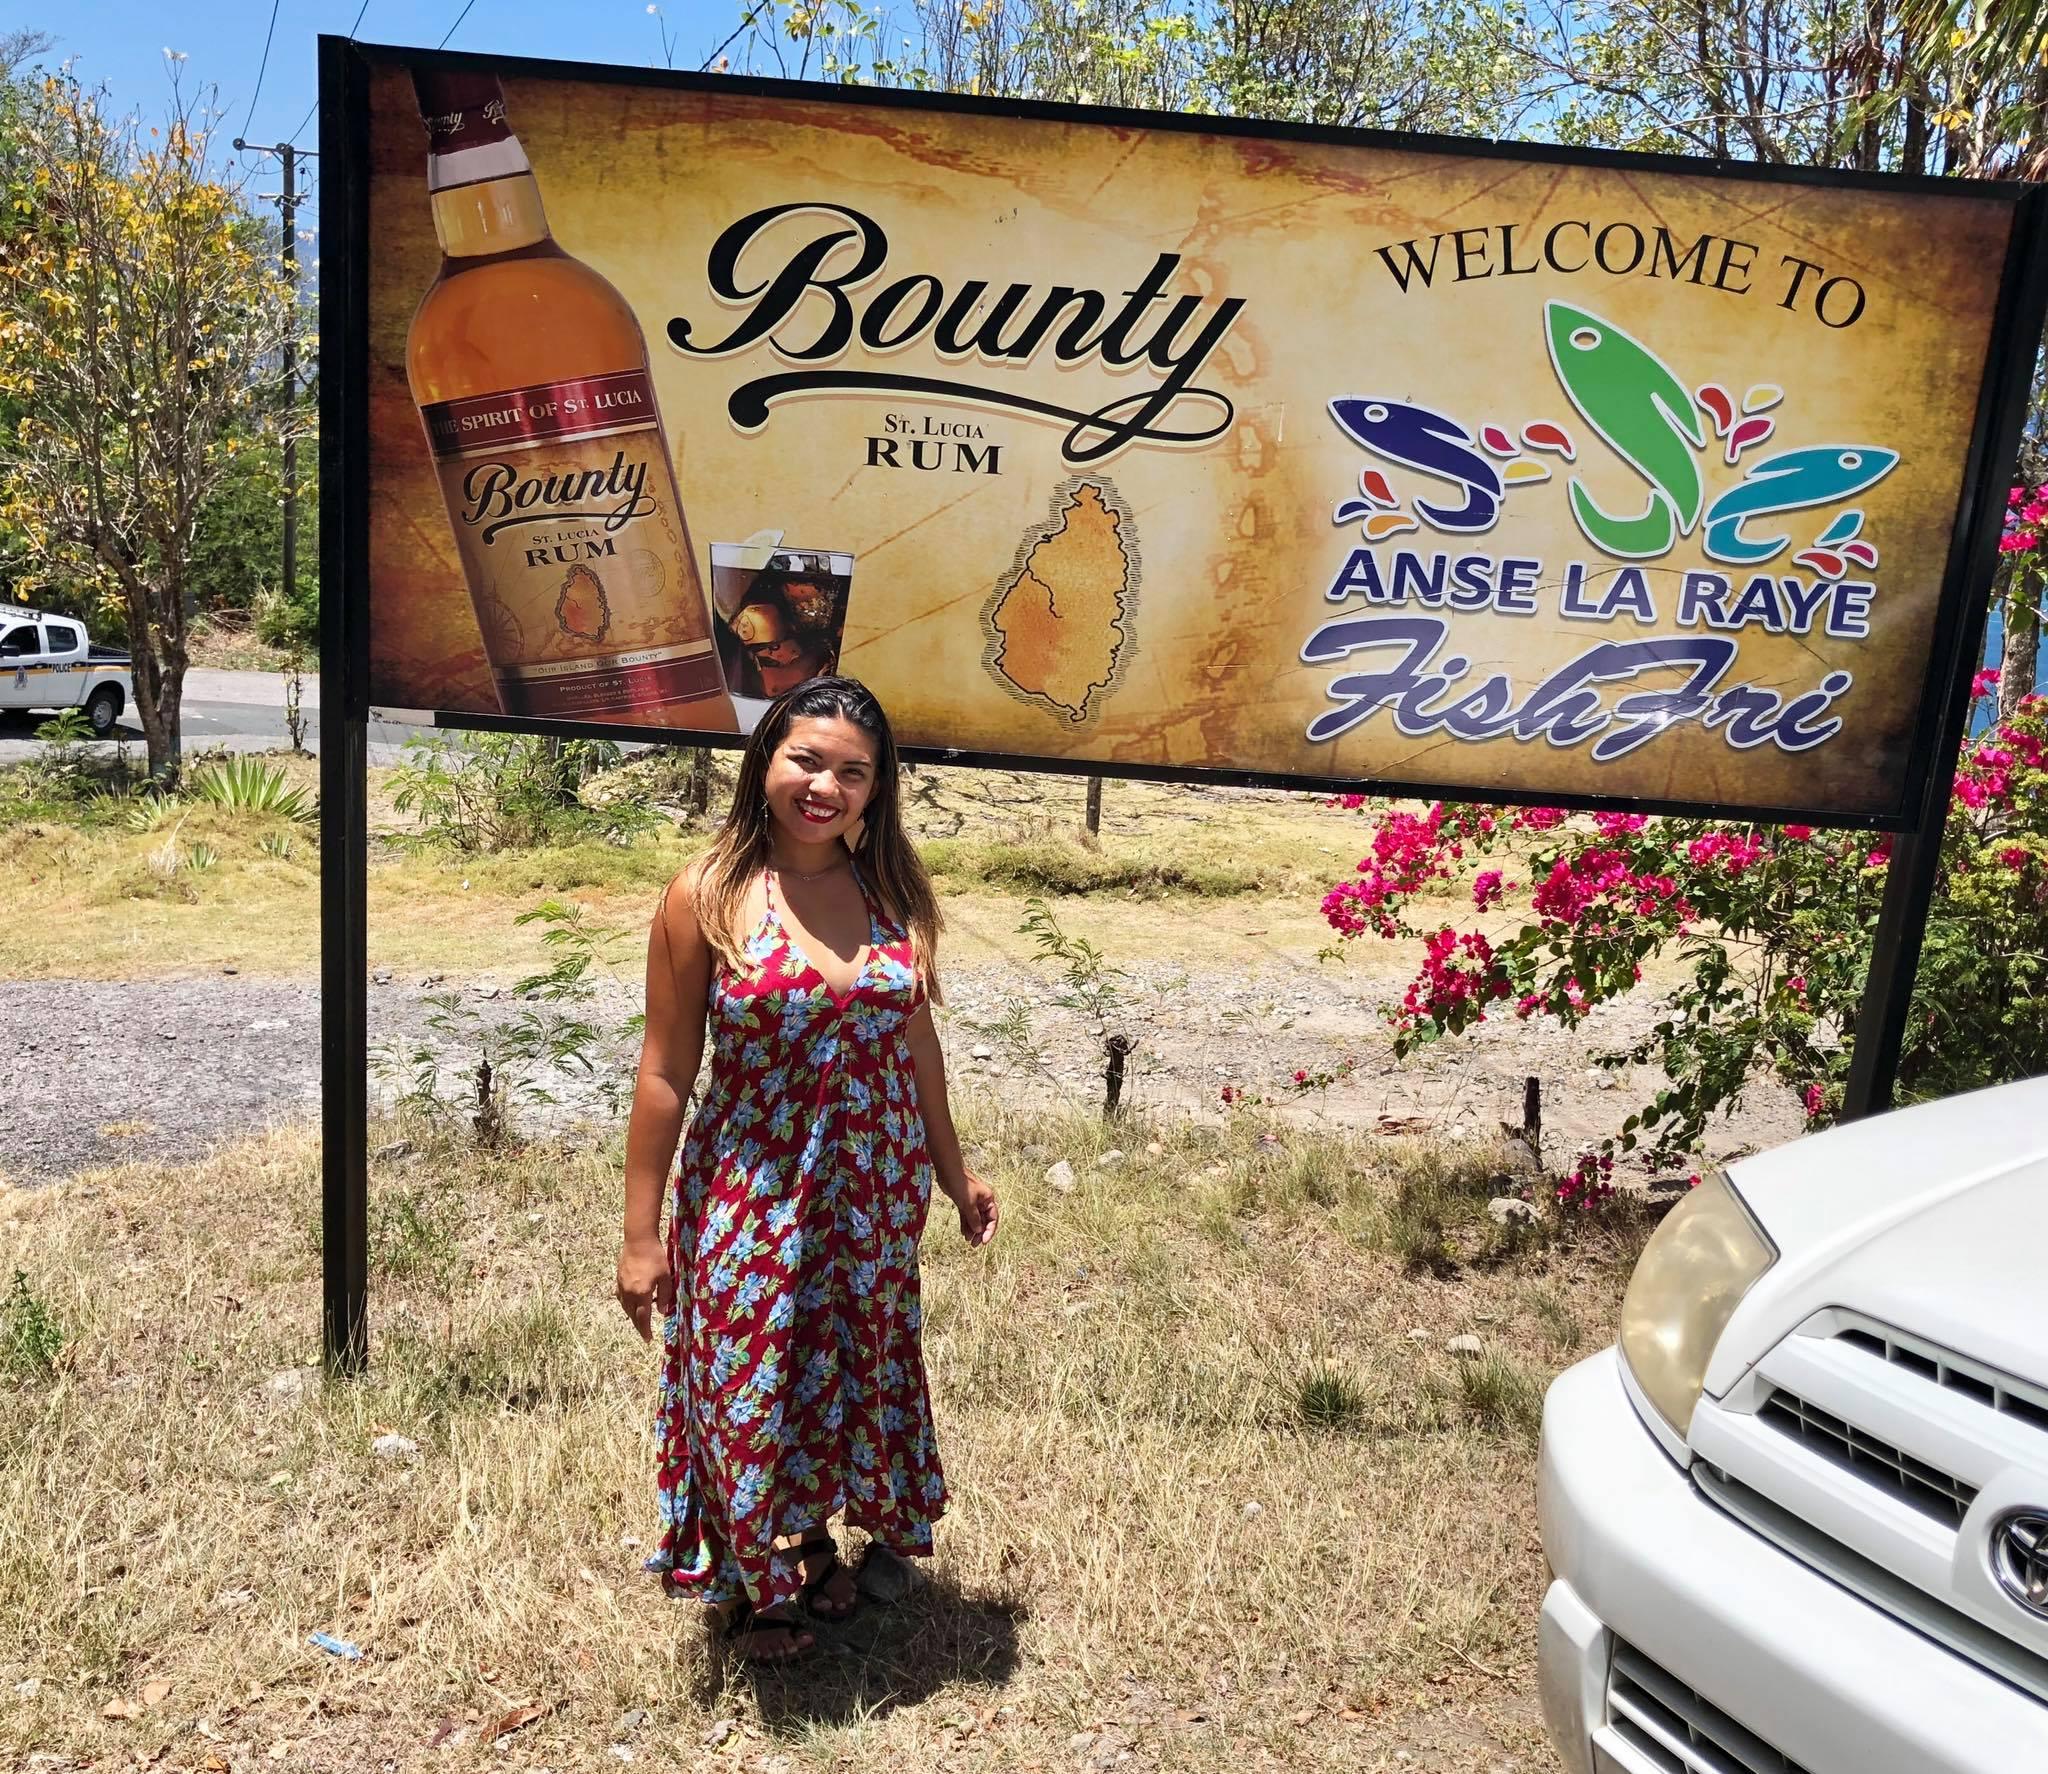 Kach Solo Travels in 2019 Beautiful St Lucia27.jpg